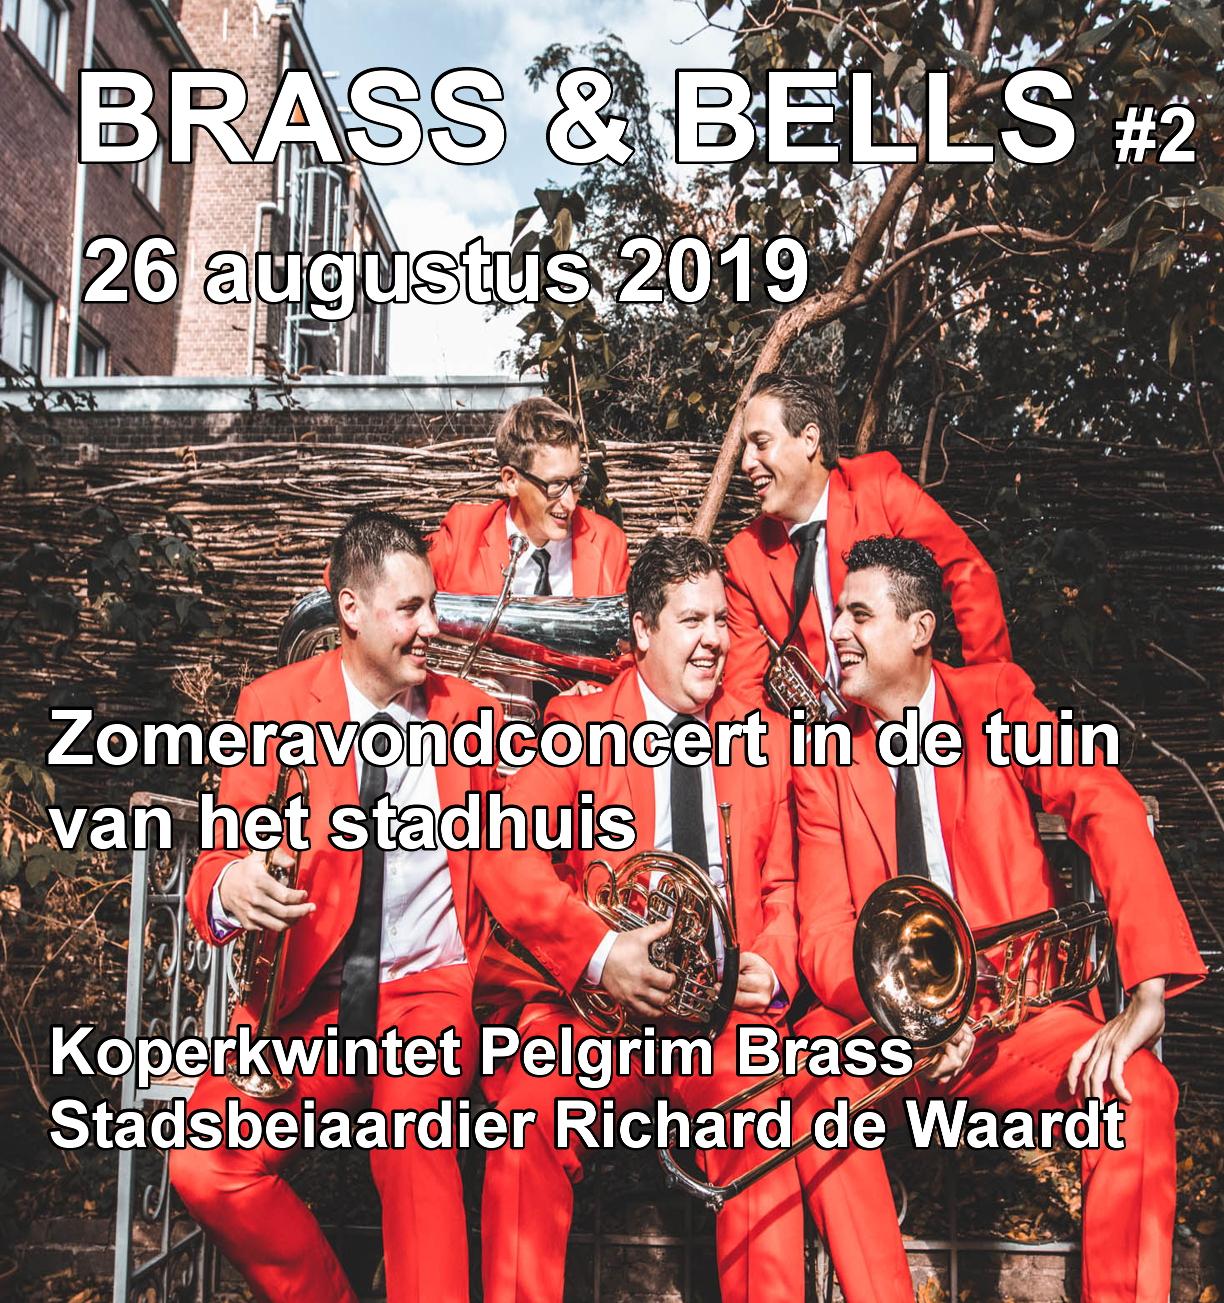 003 - Brass & Bells.jpg